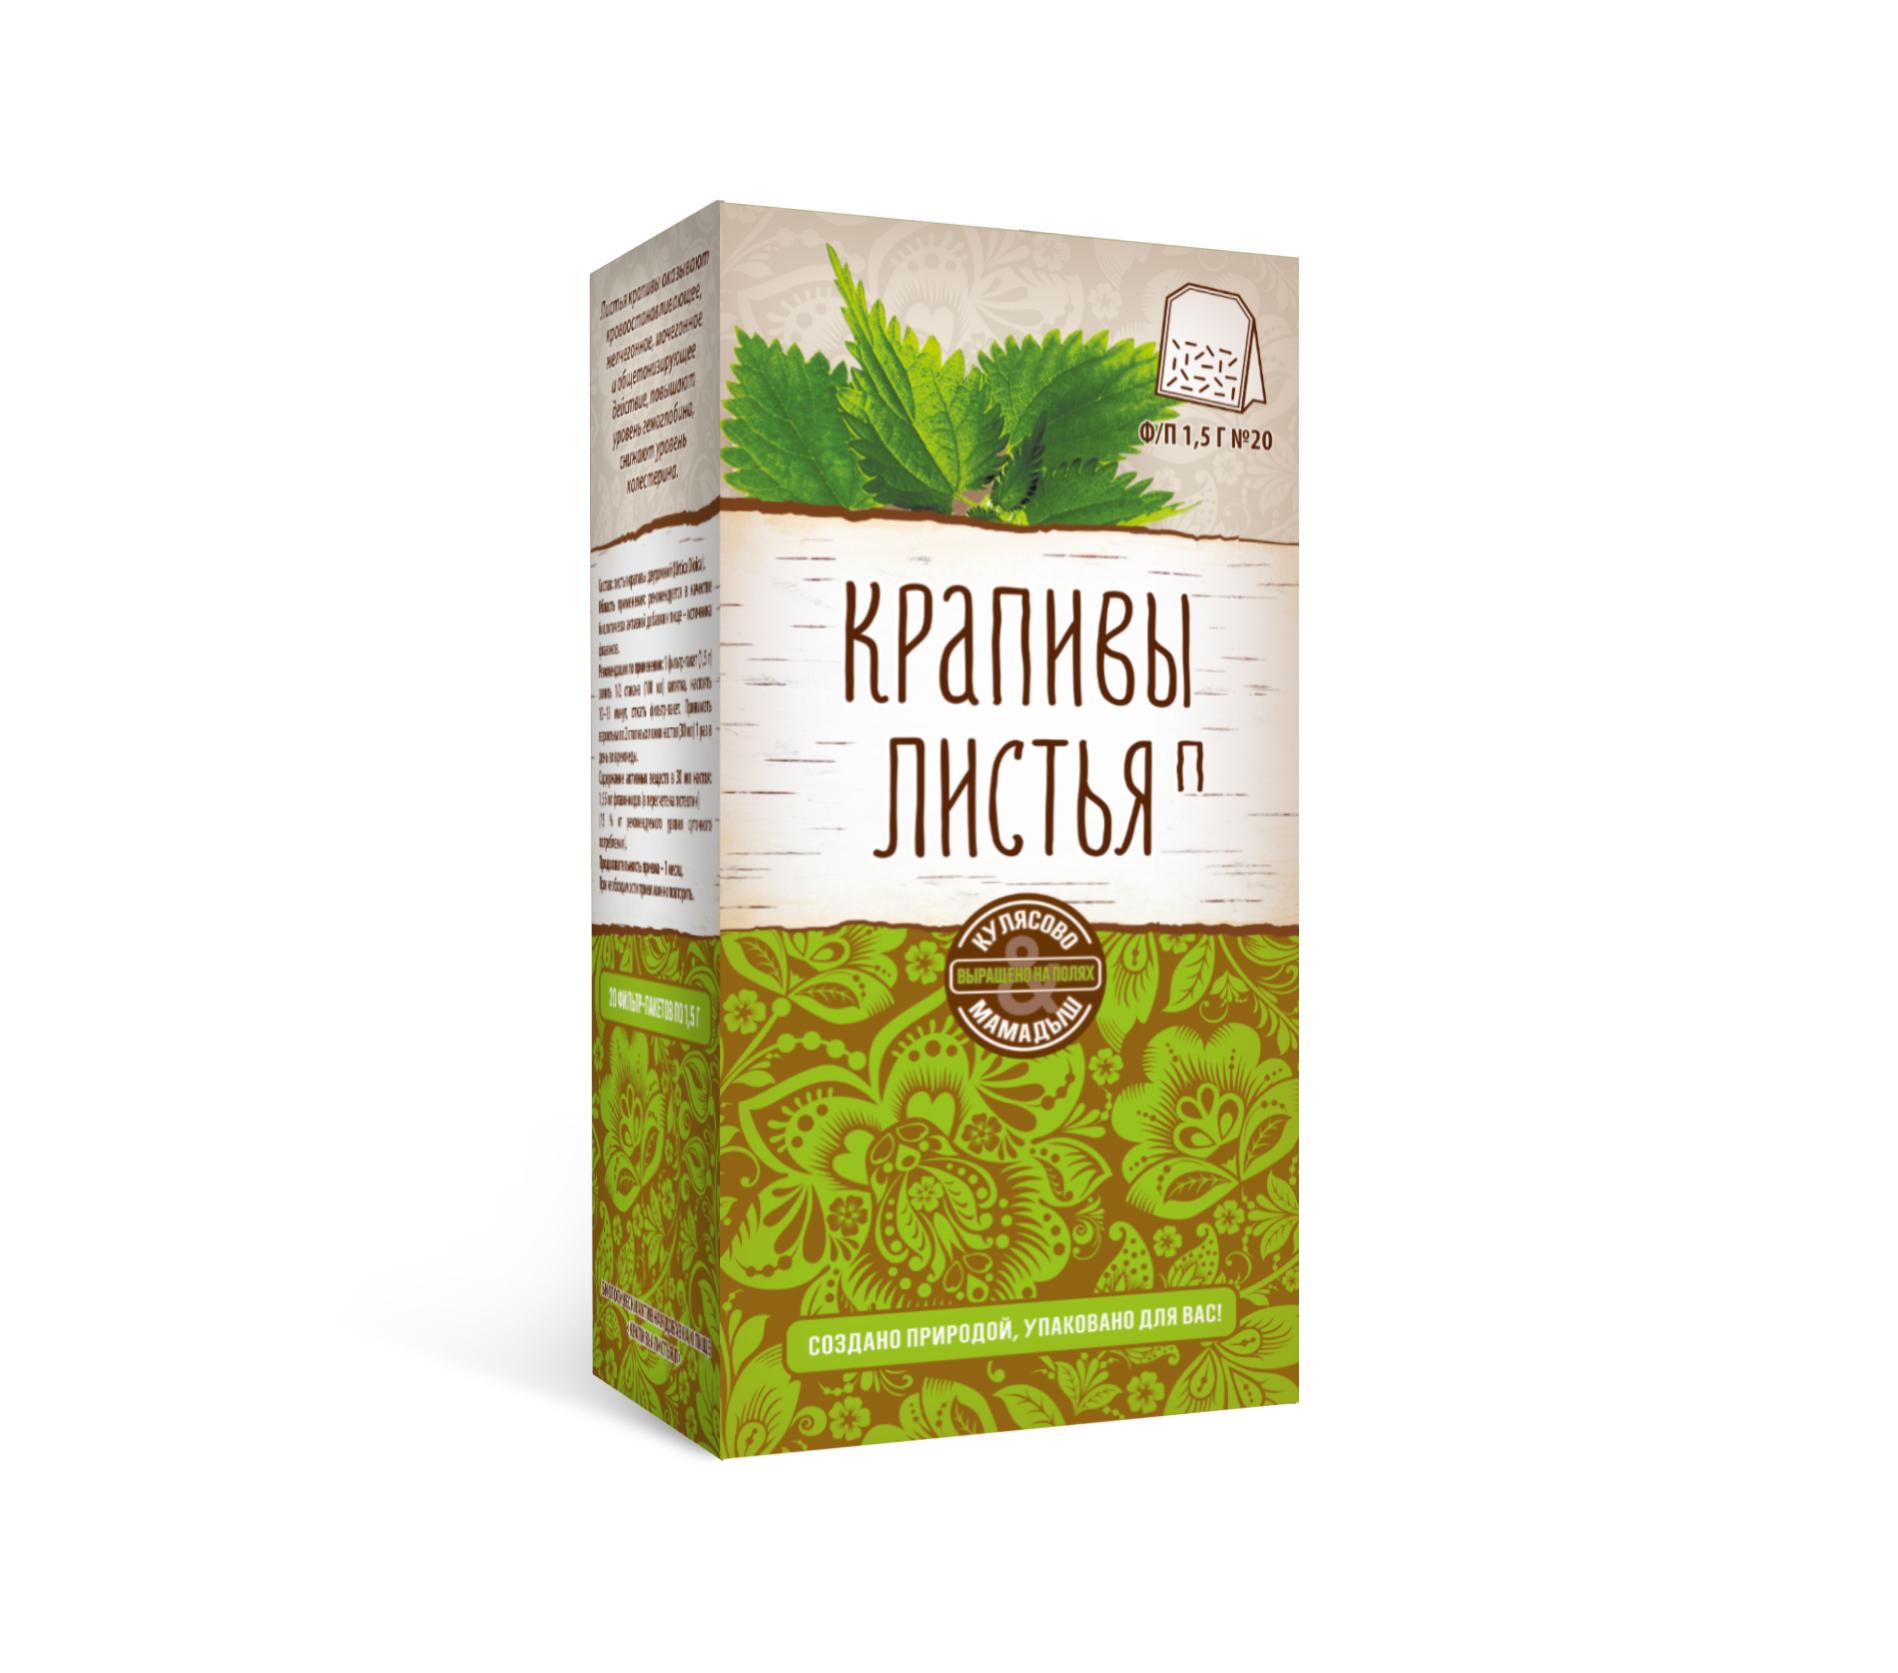 Крапивы листья П (фильтр-пакеты): описание, инструкция по применению